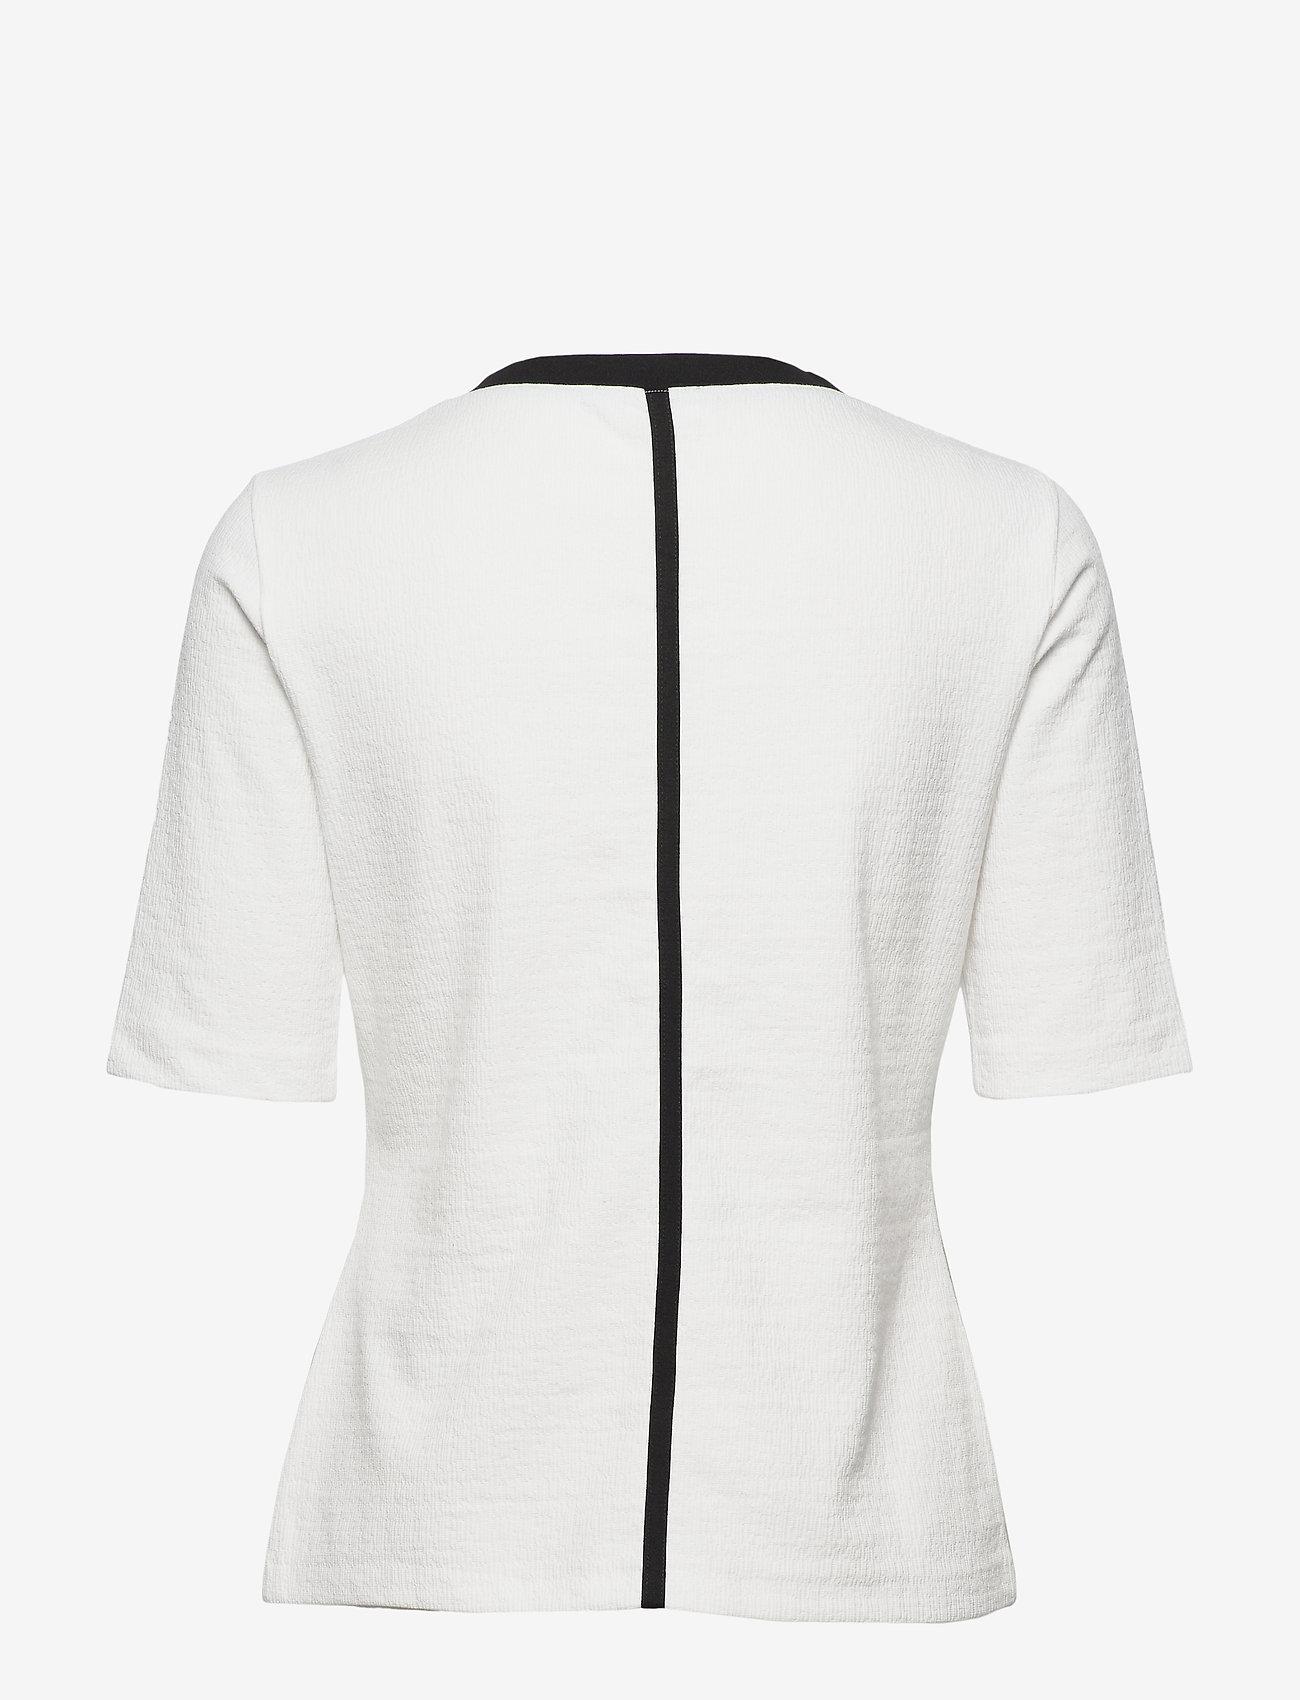 Gerry Weber T-shirt Short-sleeve - T-shirts & Tops